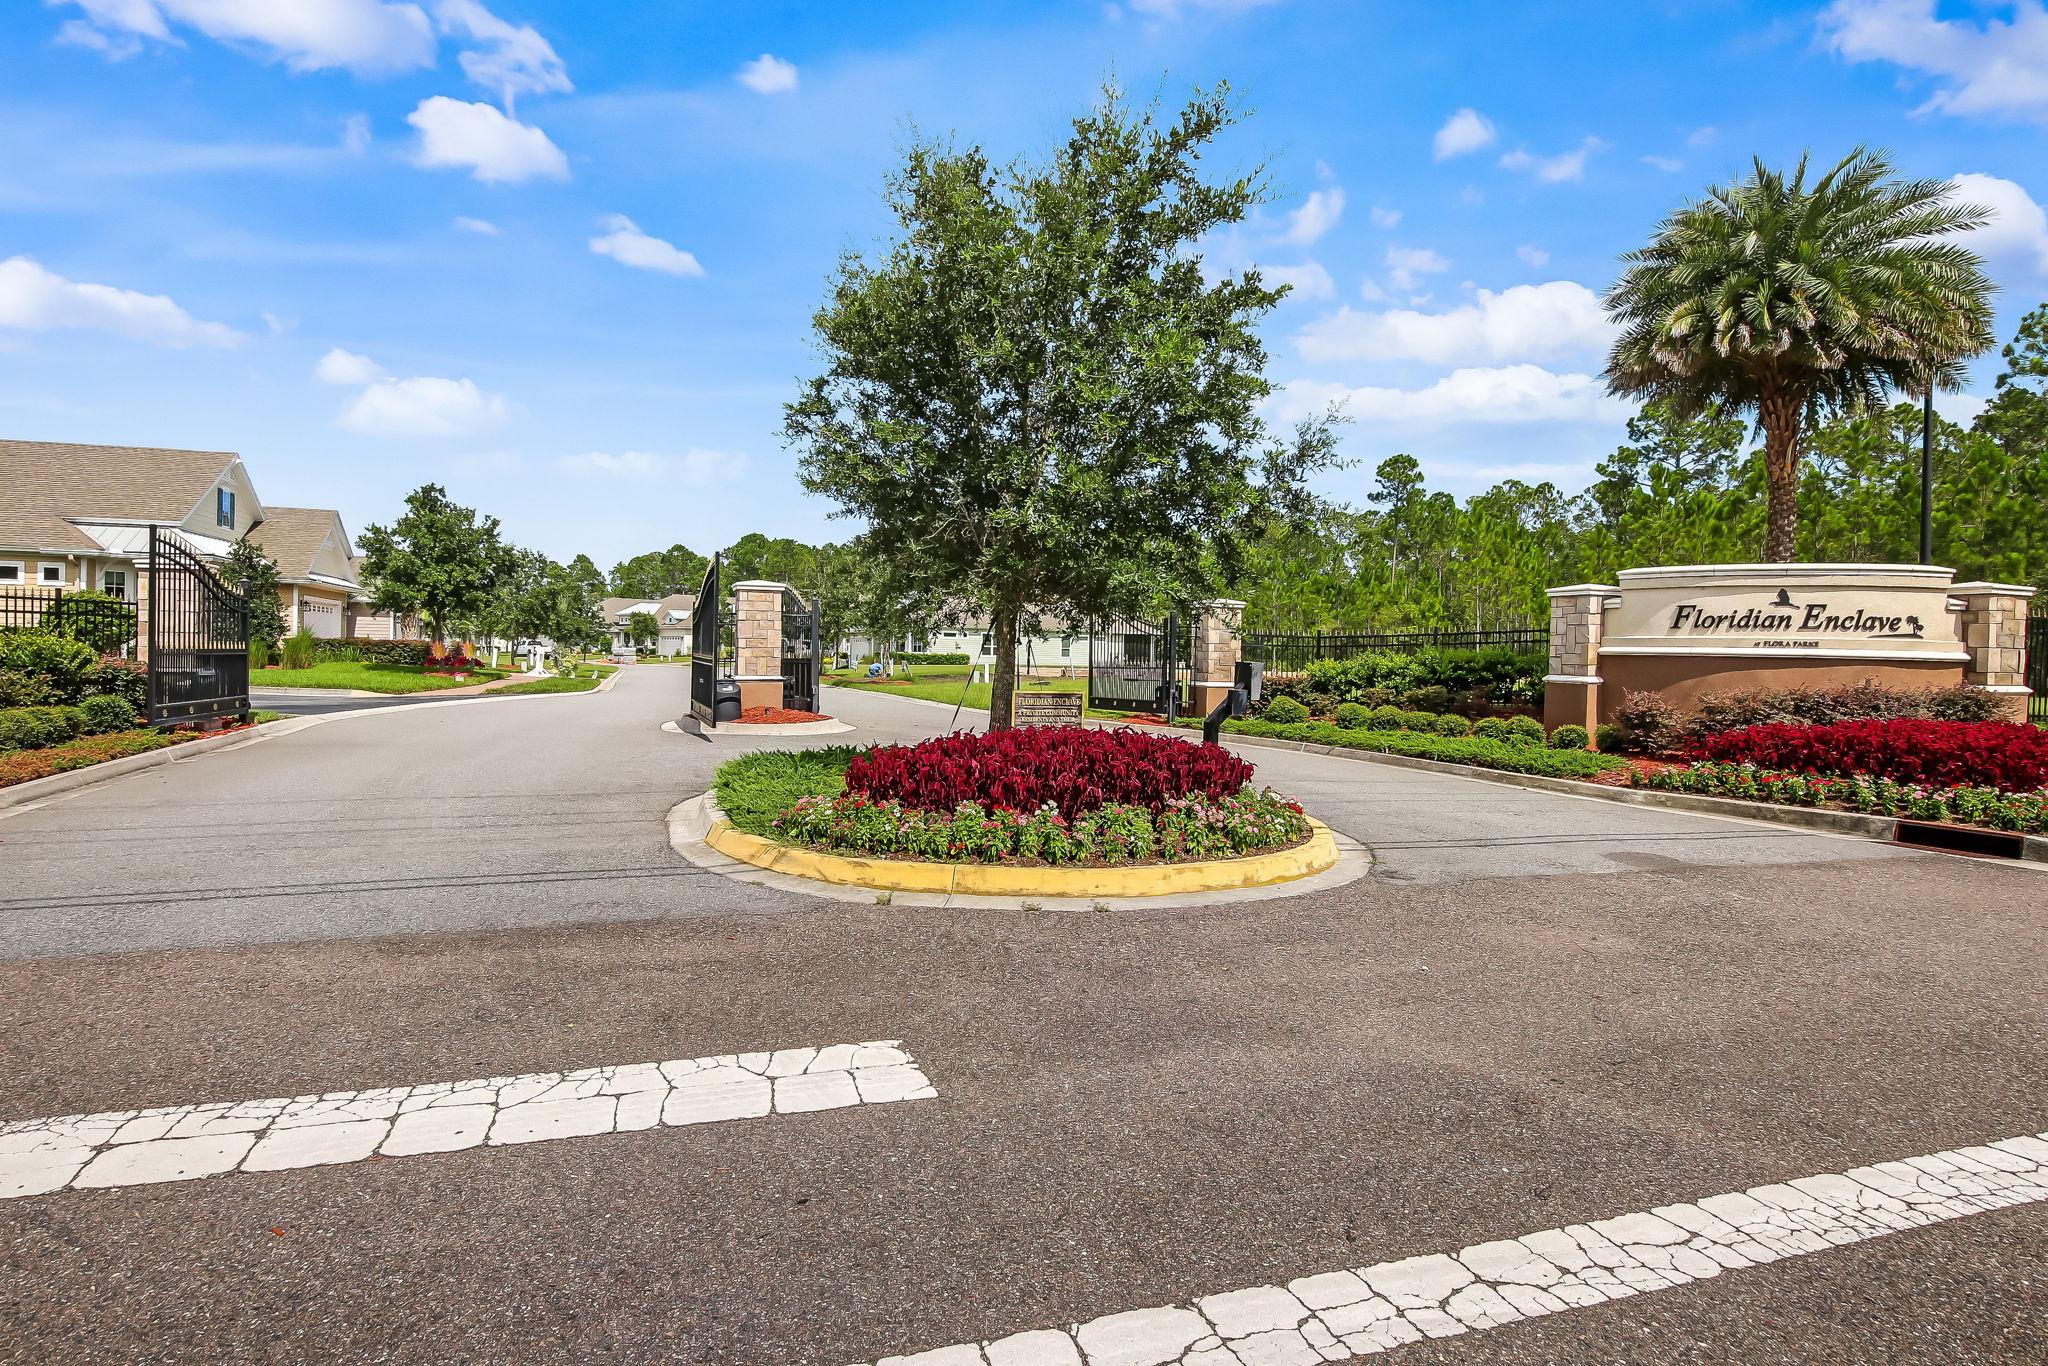 Floridian Enclave